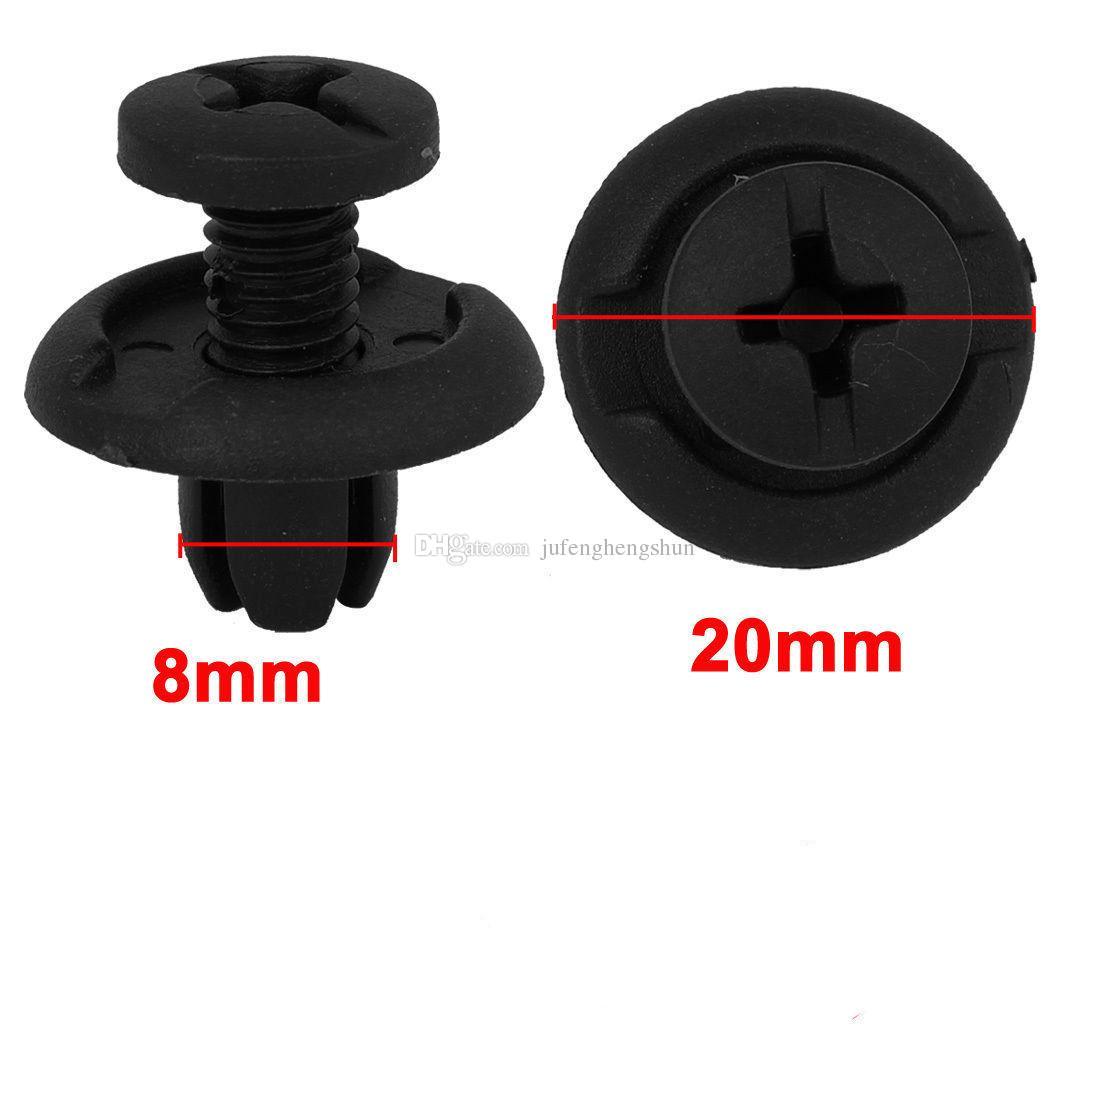 New Car Fastener 8mm Hole Black Plastic Rivet Retainer Clips for Splash Guard Panel Hood Fender Bumper for Honda Universal